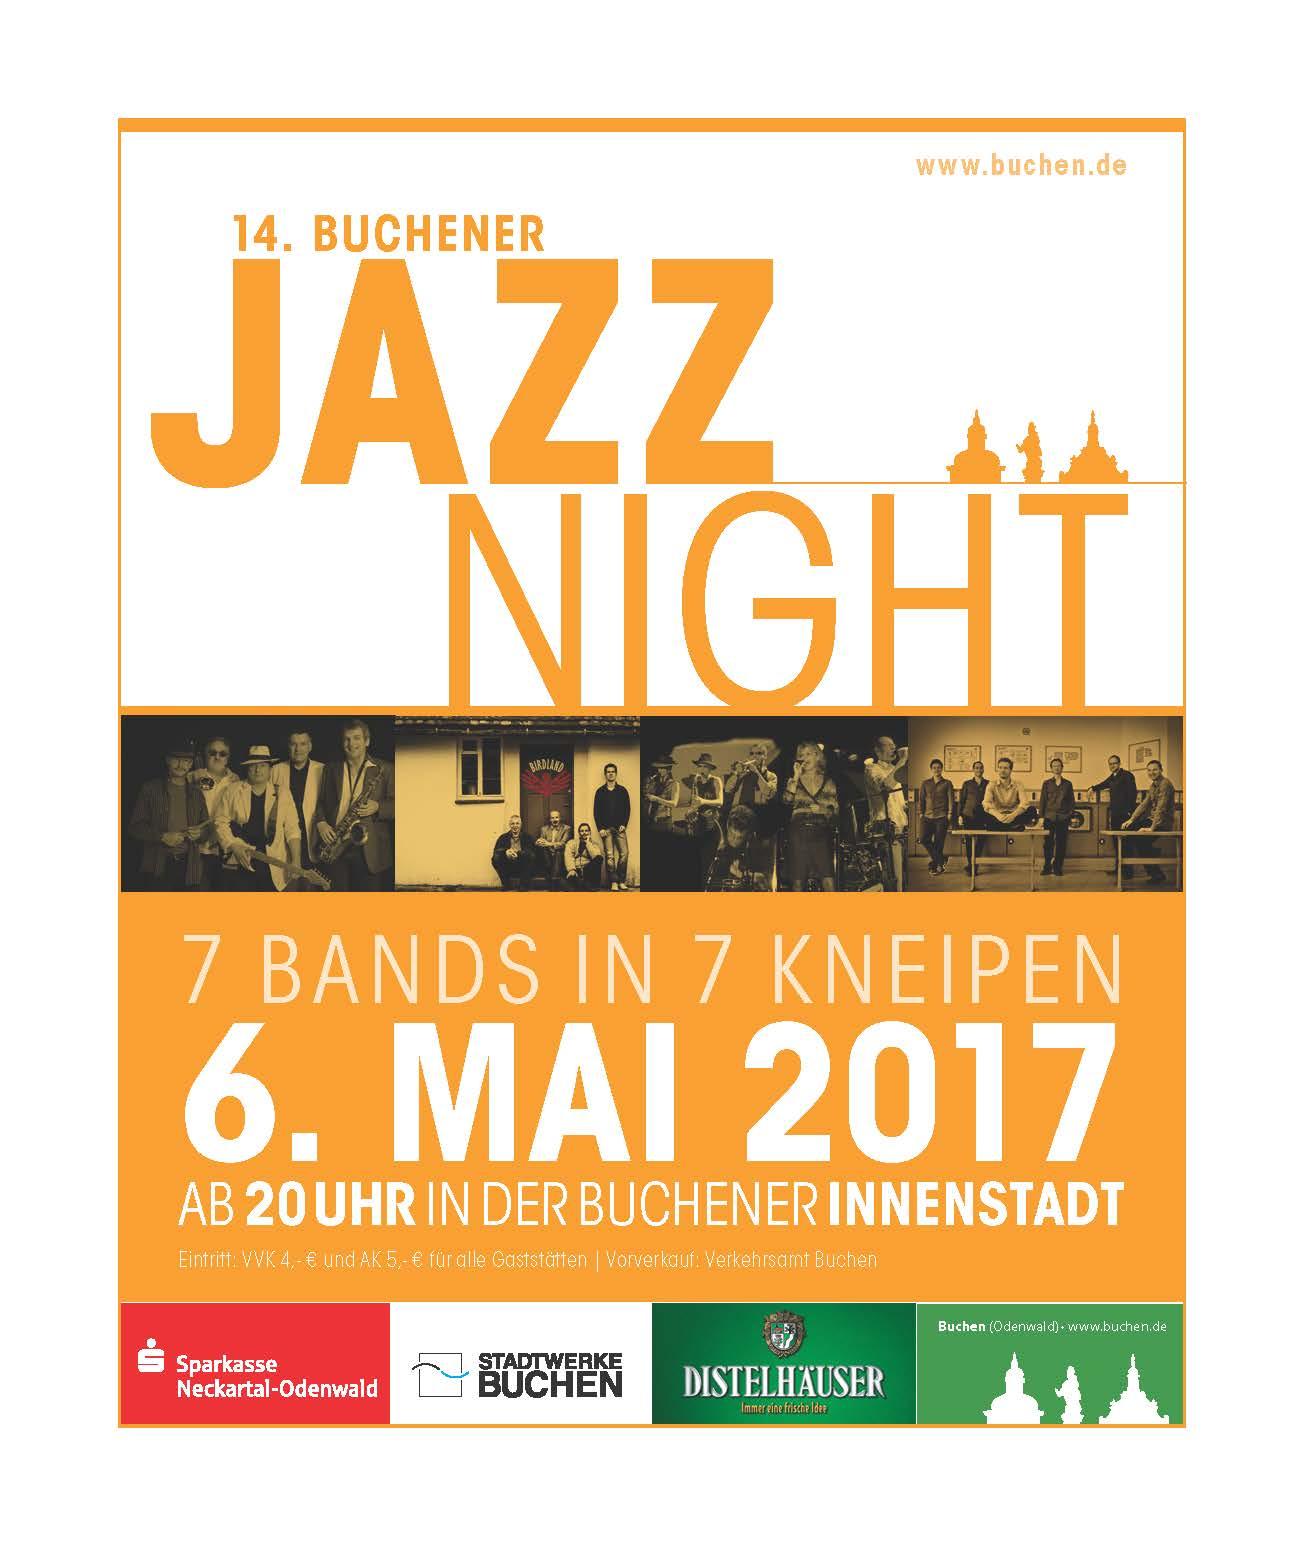 anzeige_90x110_jazz-night_17-02.jpg - 143,76 kB